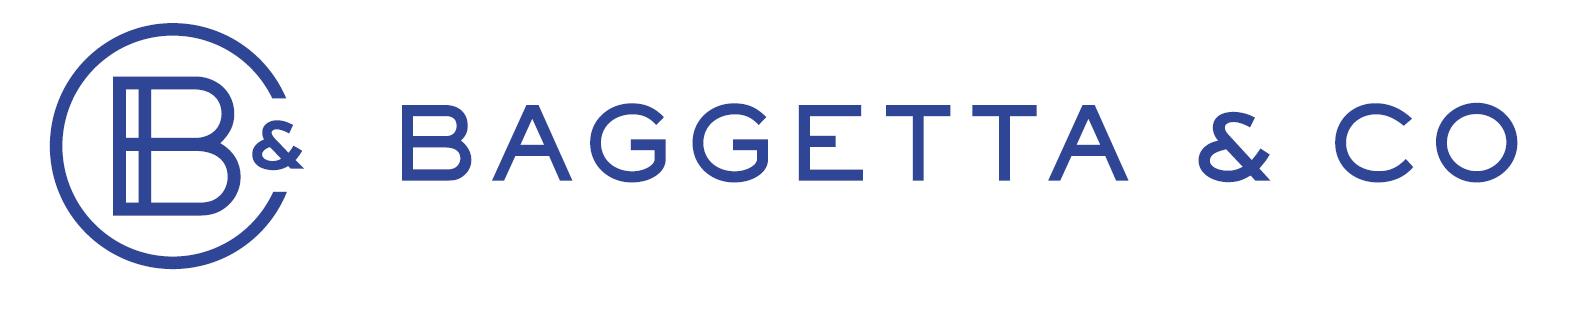 Baggetta & Co